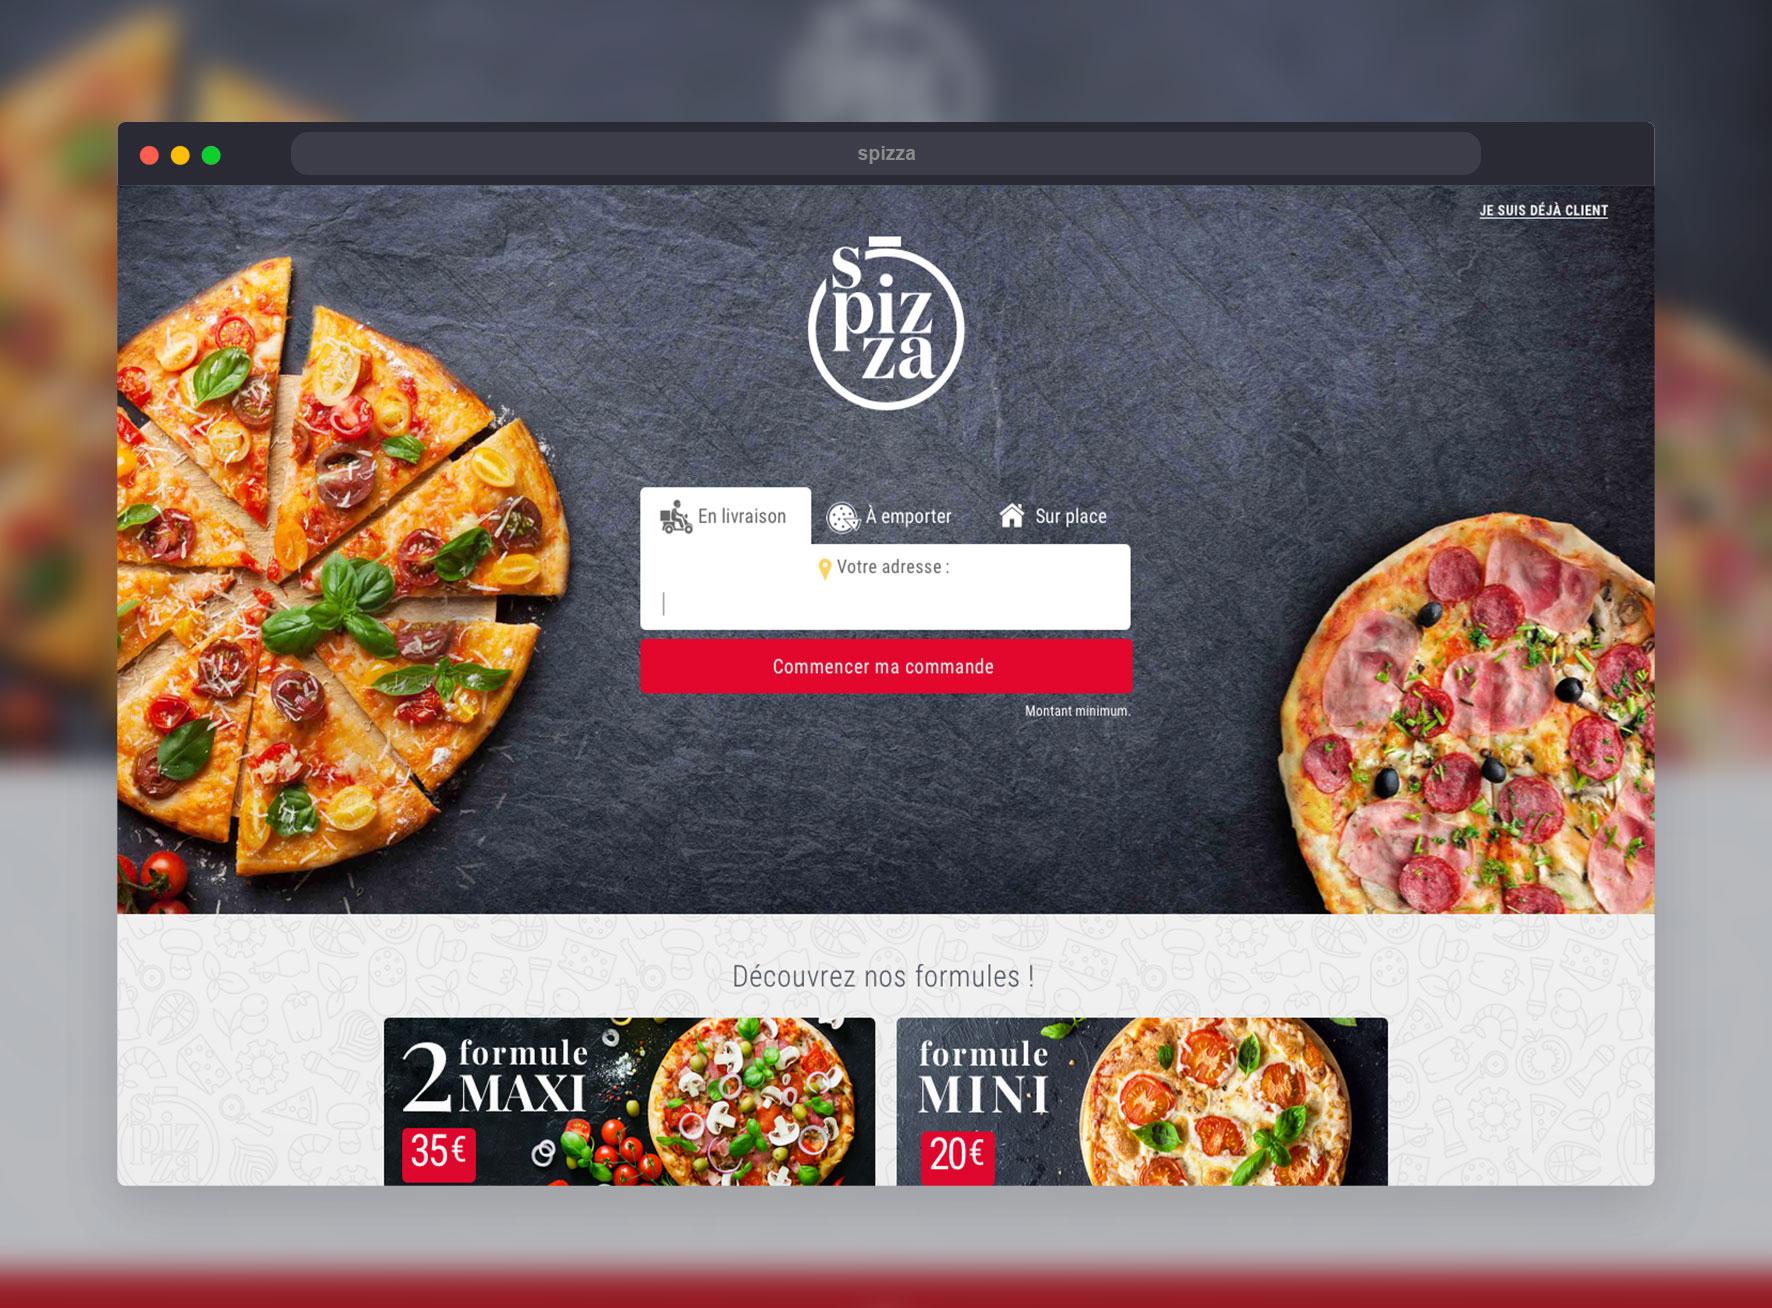 spizza